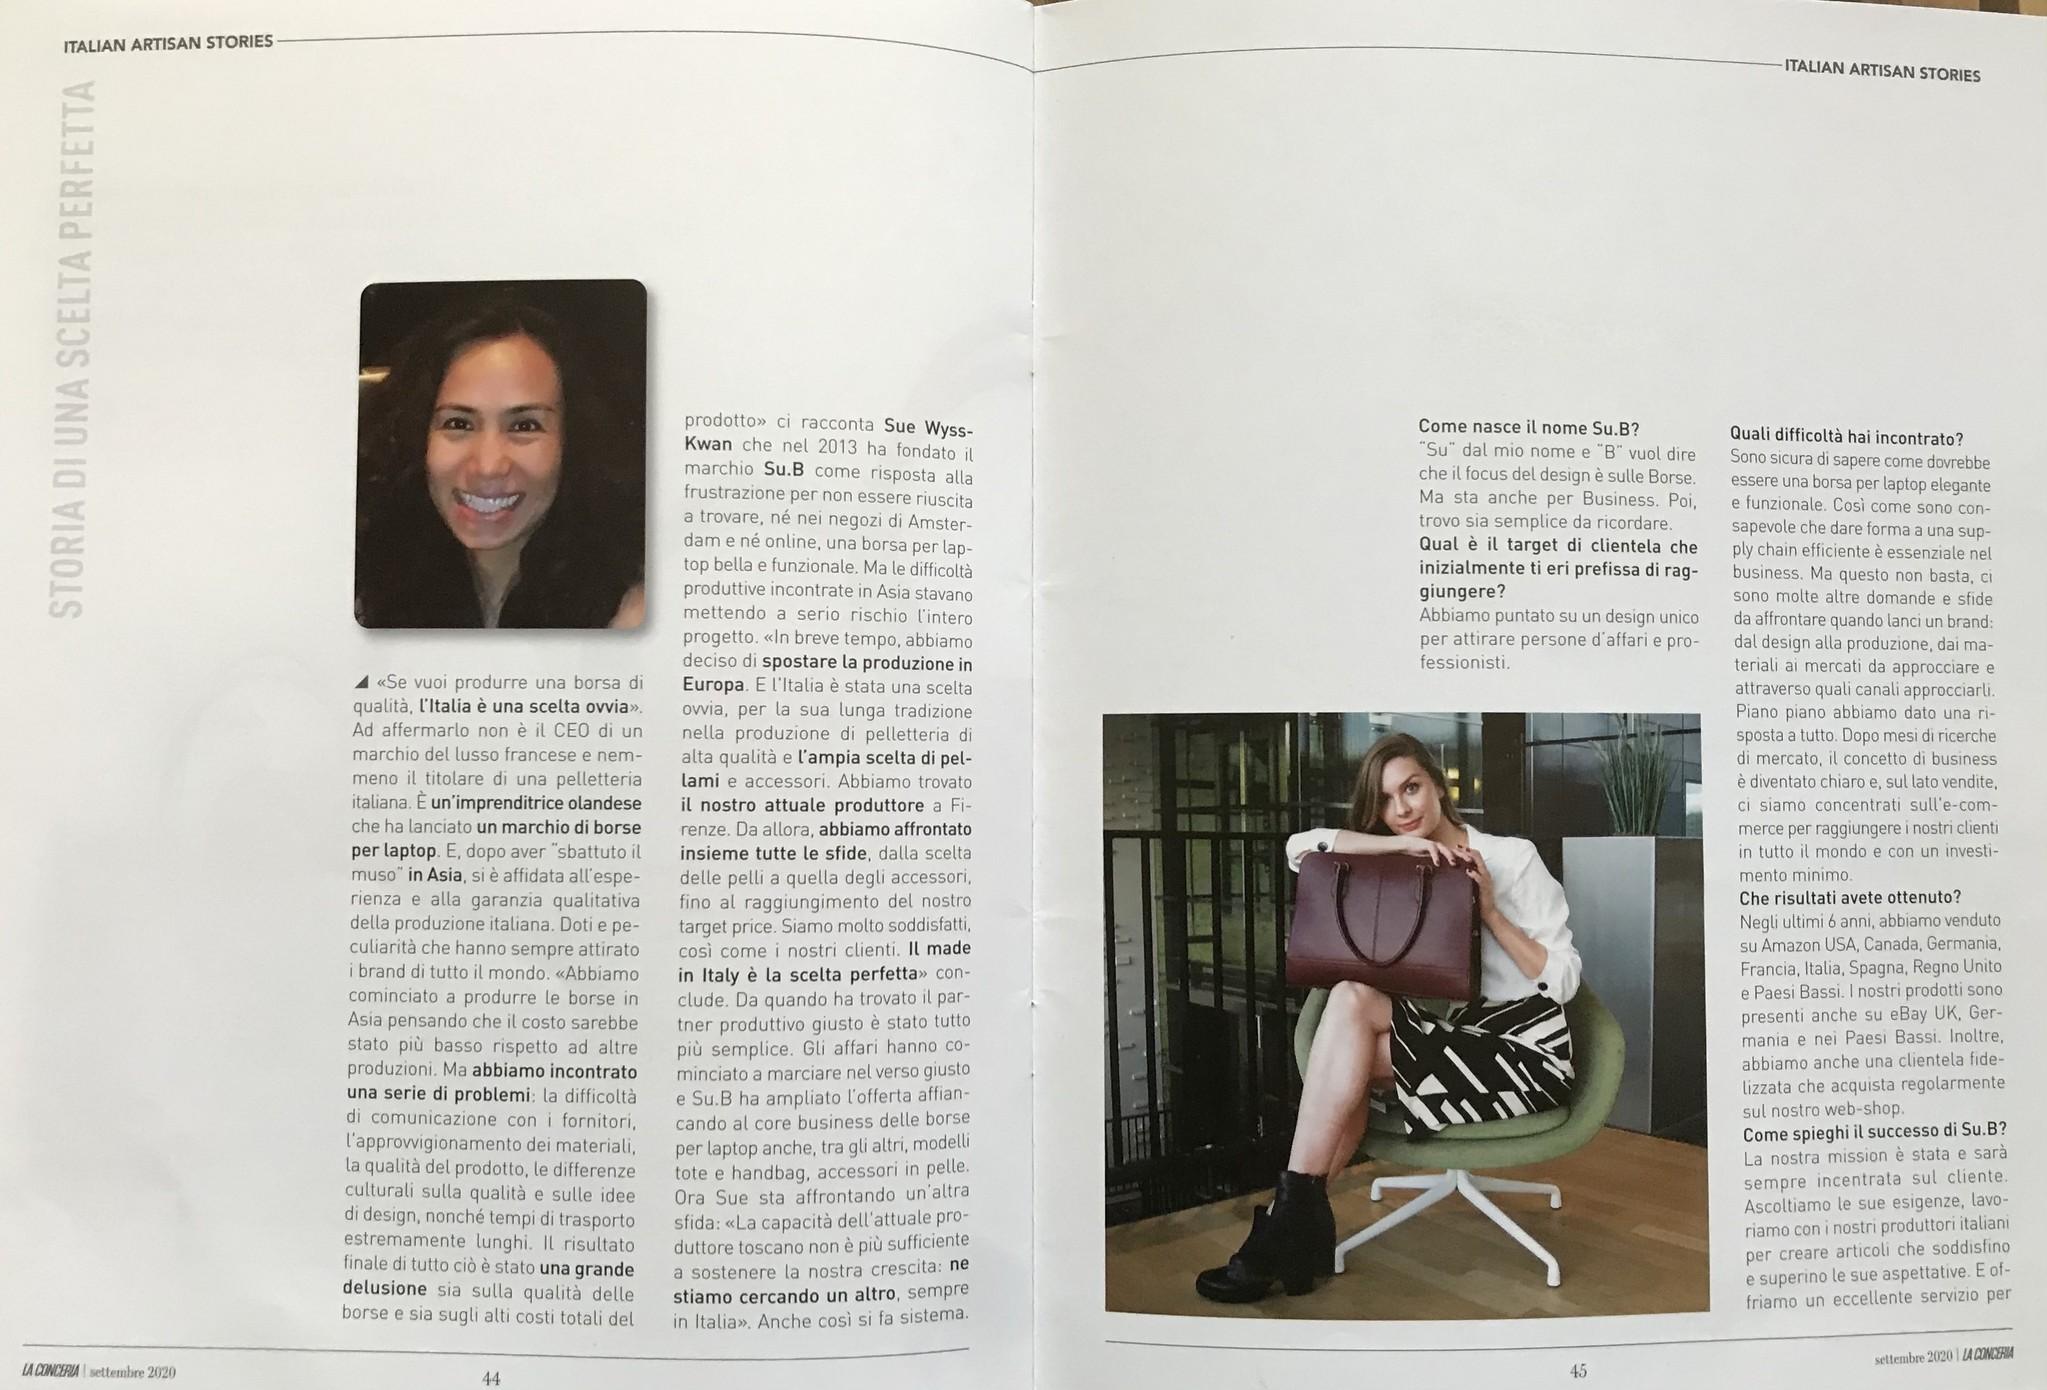 Die Geschichte der Marke Su.B wurde in der italienischen Zeitschrift LaConceria veröffentlicht